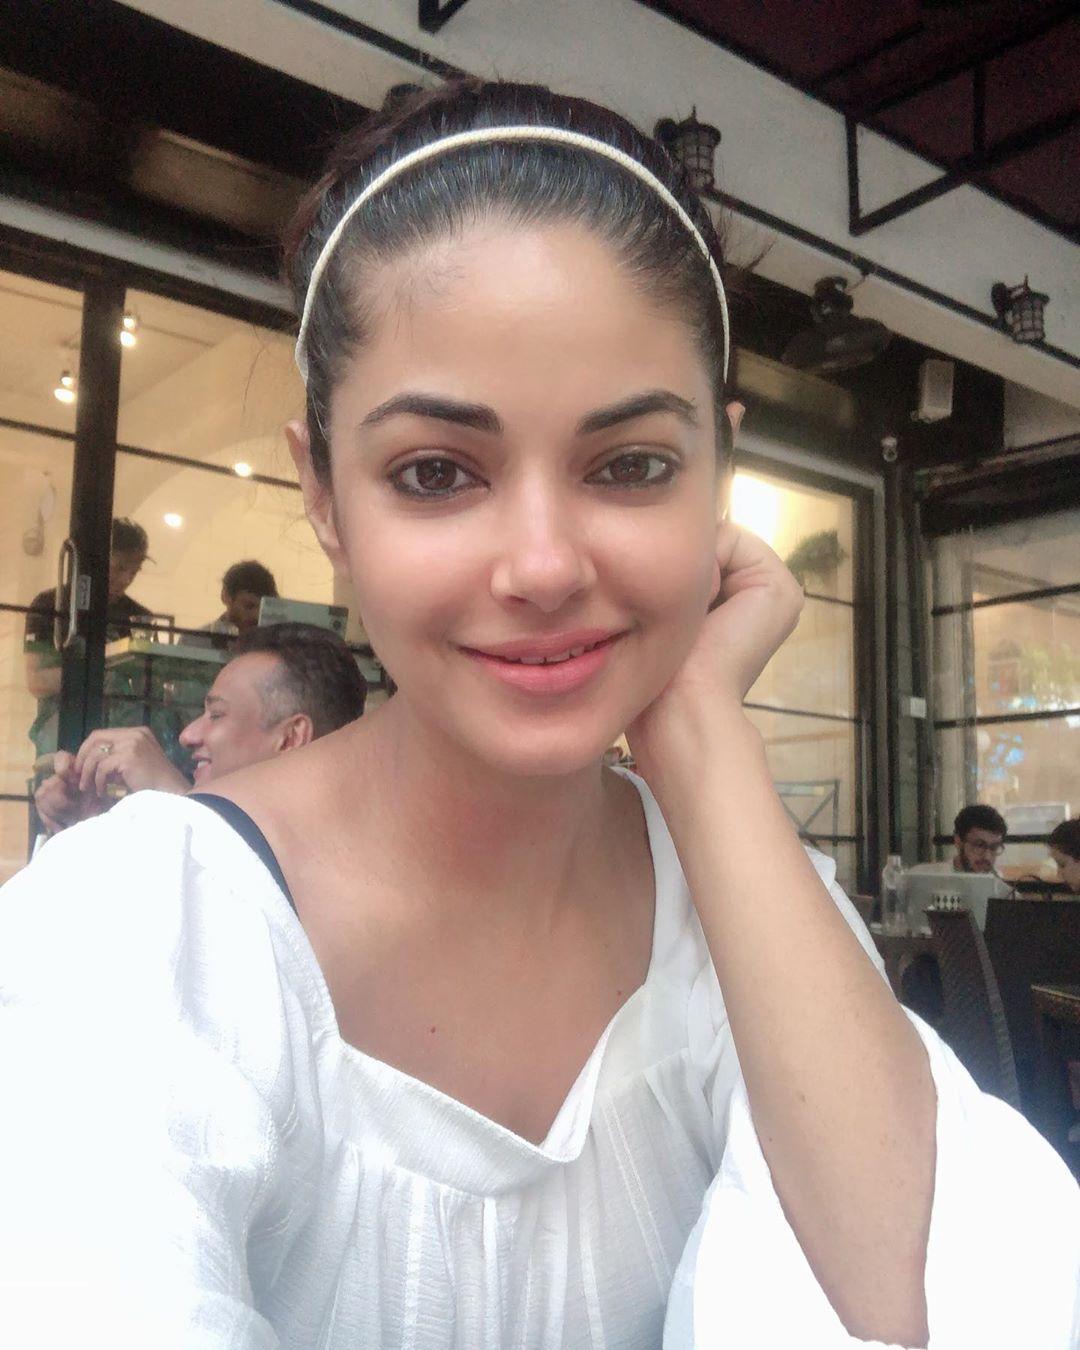 Bollywood Tadka,मीरा चोपडा़ इमेज,मीरा चोपडा़ फोटो,मीरा चोपडा़ पिक्चर